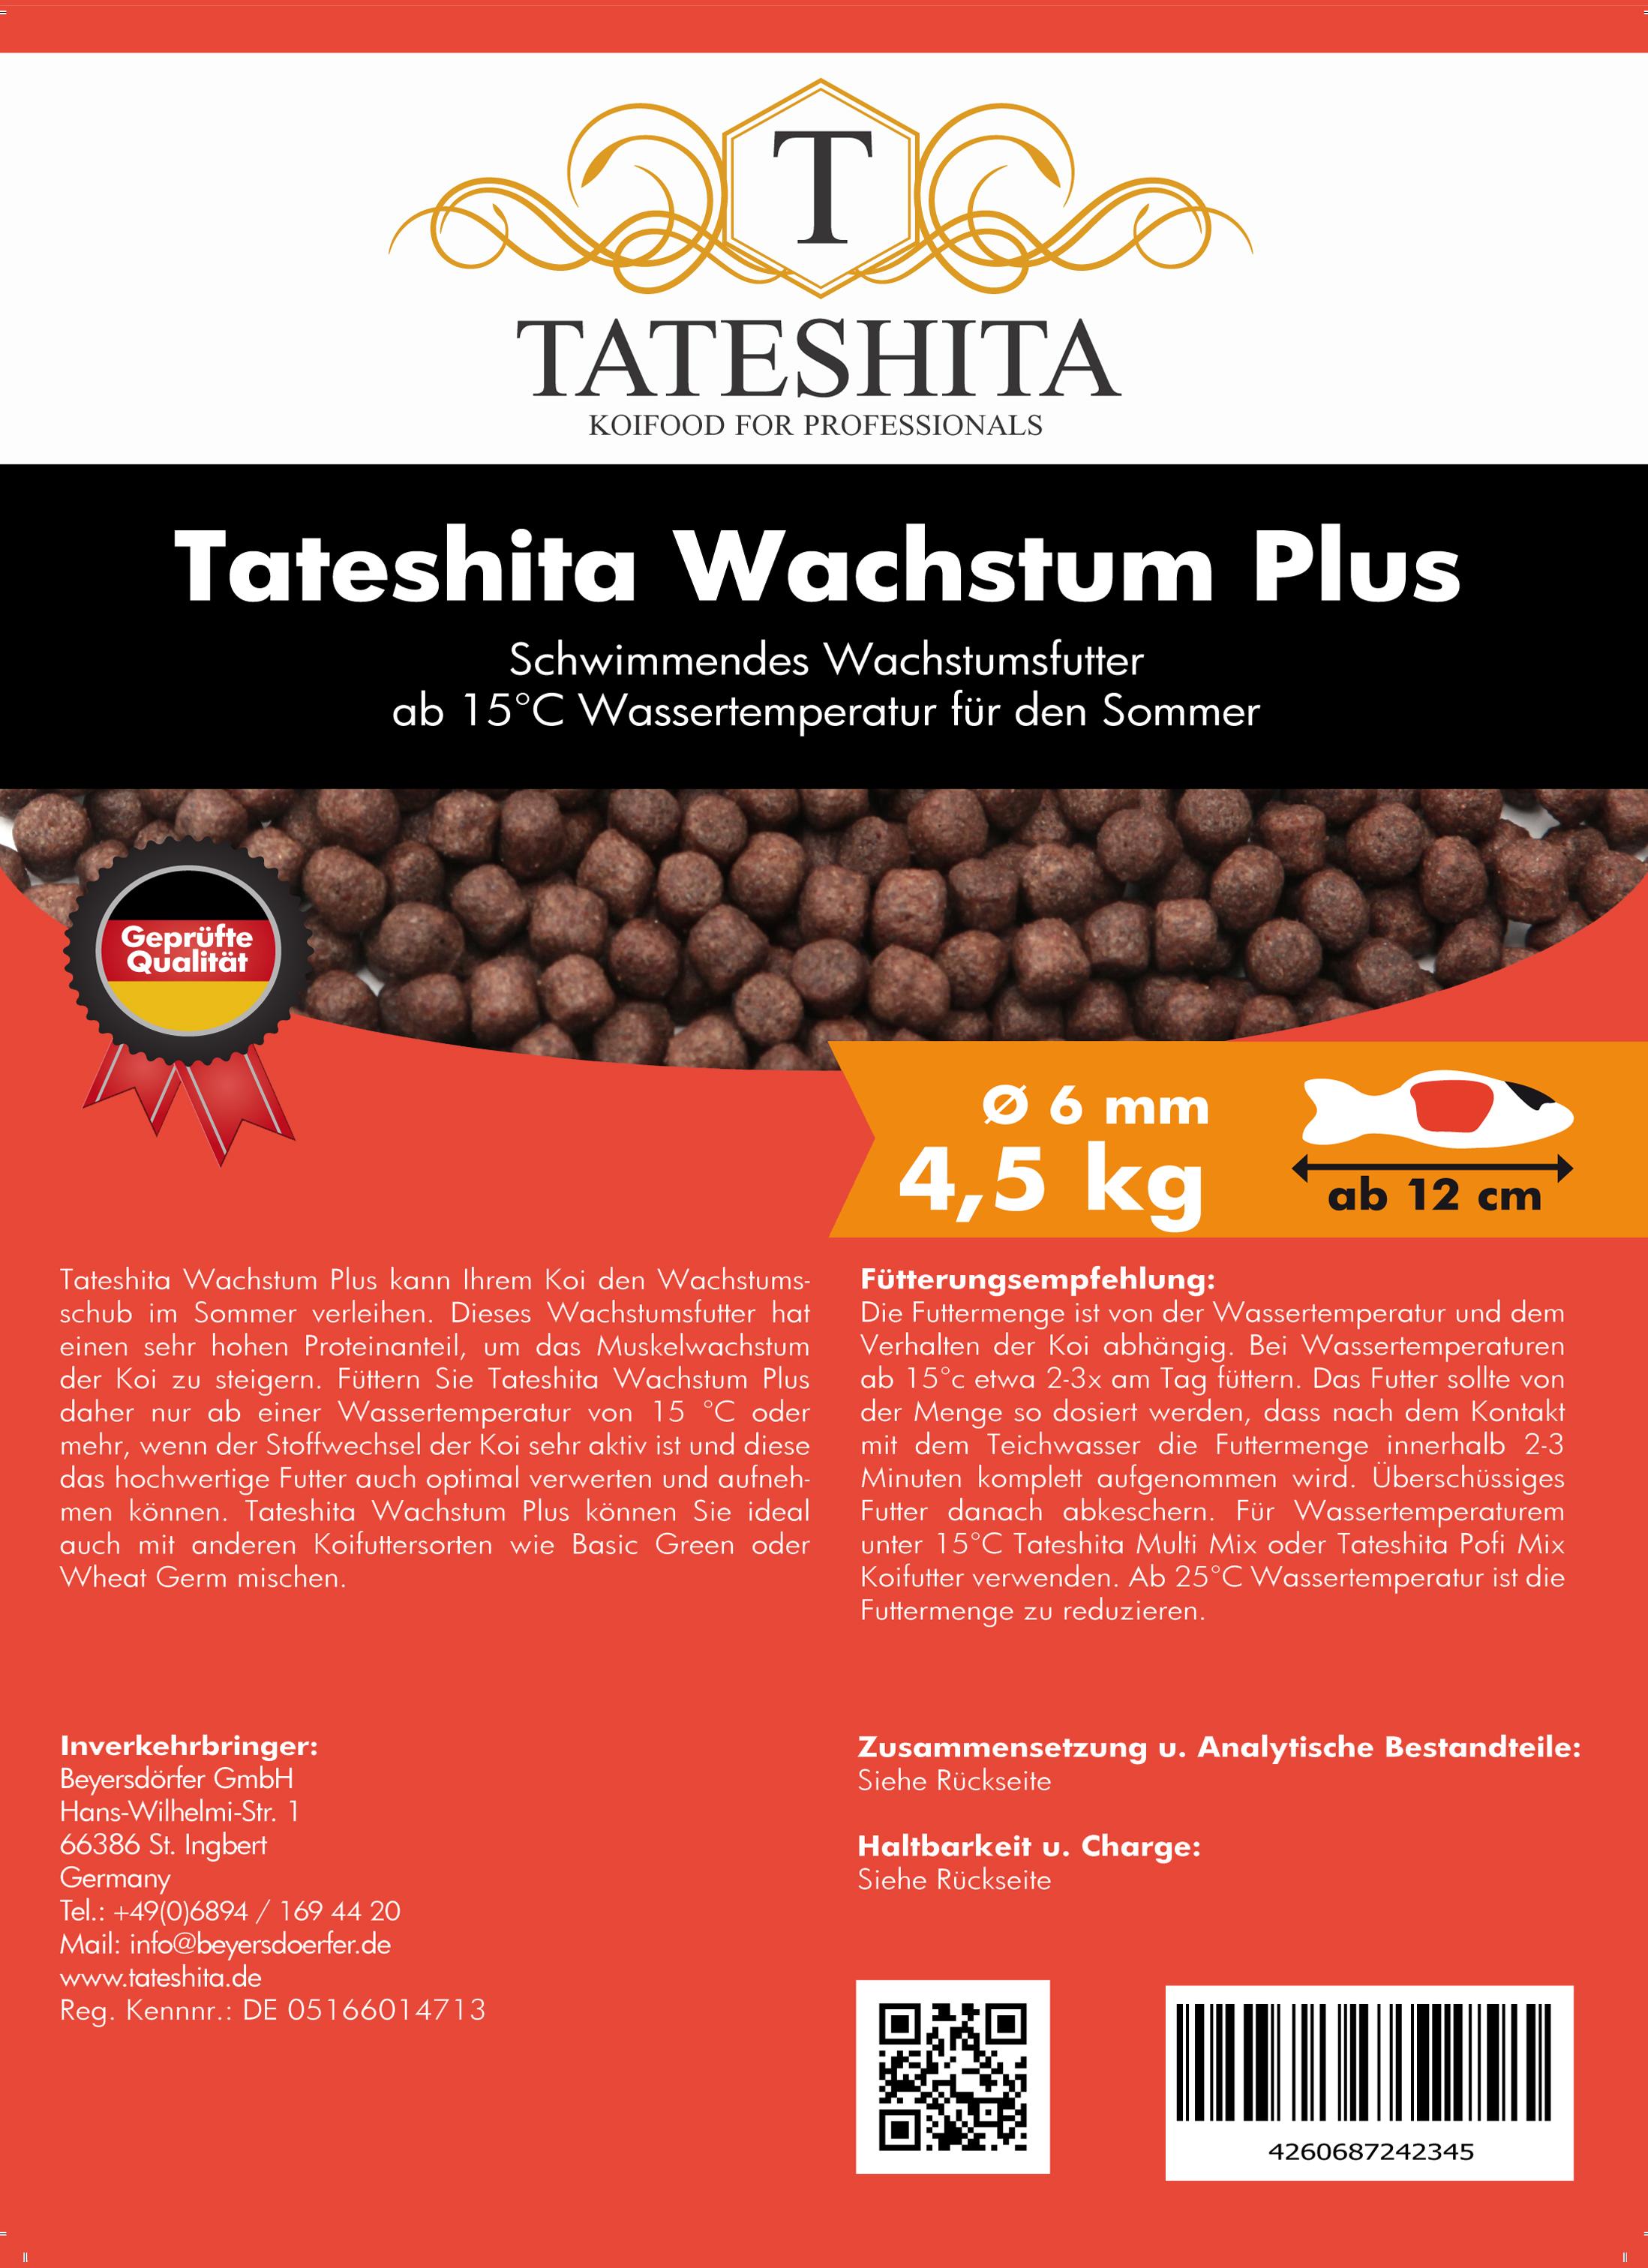 Tateshita Wachstum Plus 4,5 Kg 6 mm